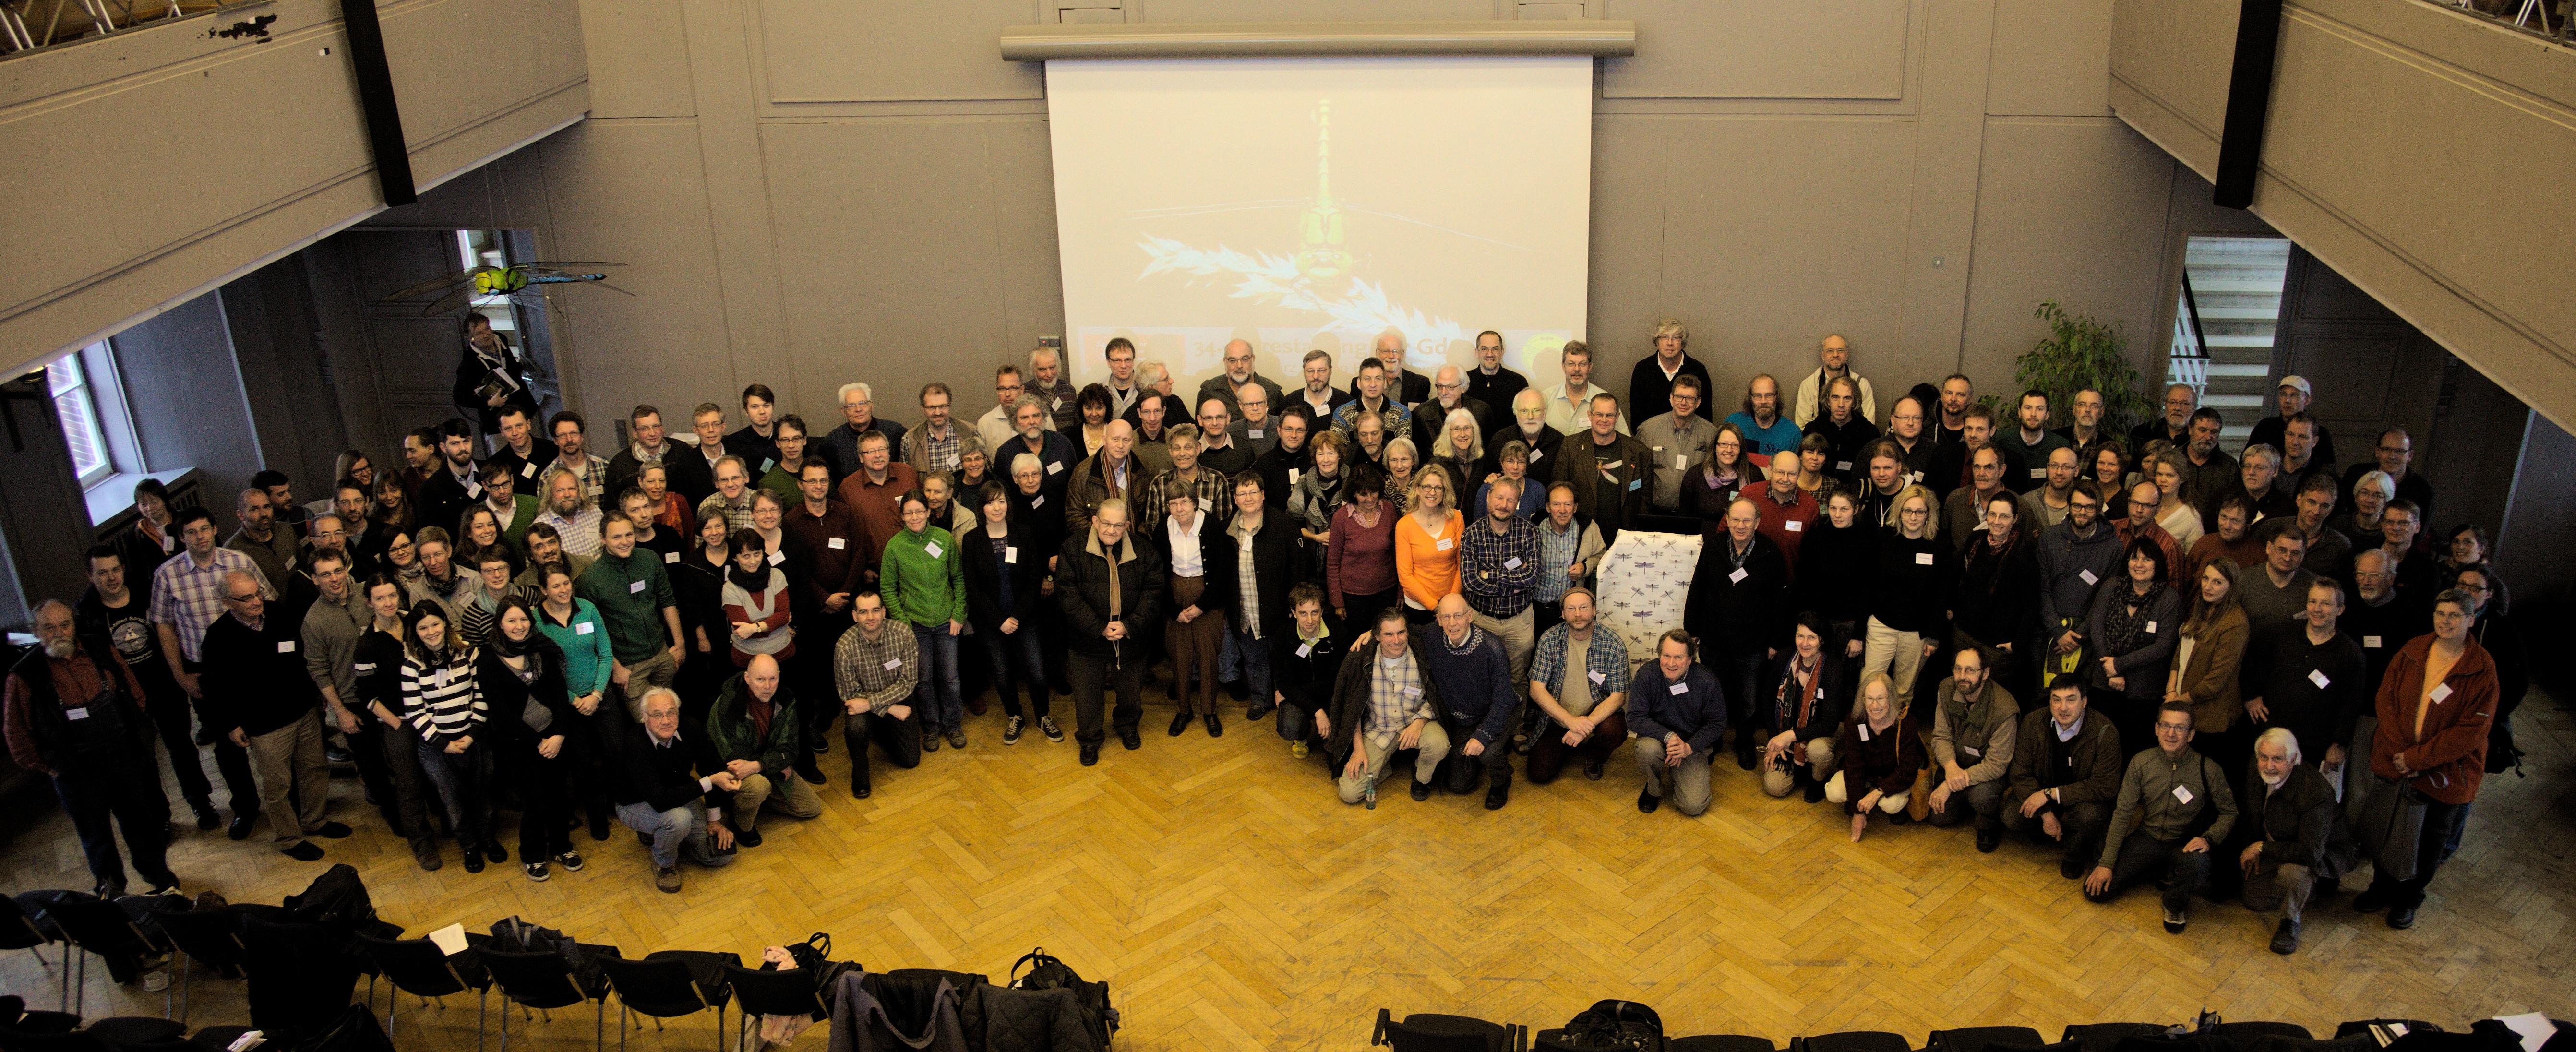 Tagunsbild GdO Tagung 2015 in Braunschweig